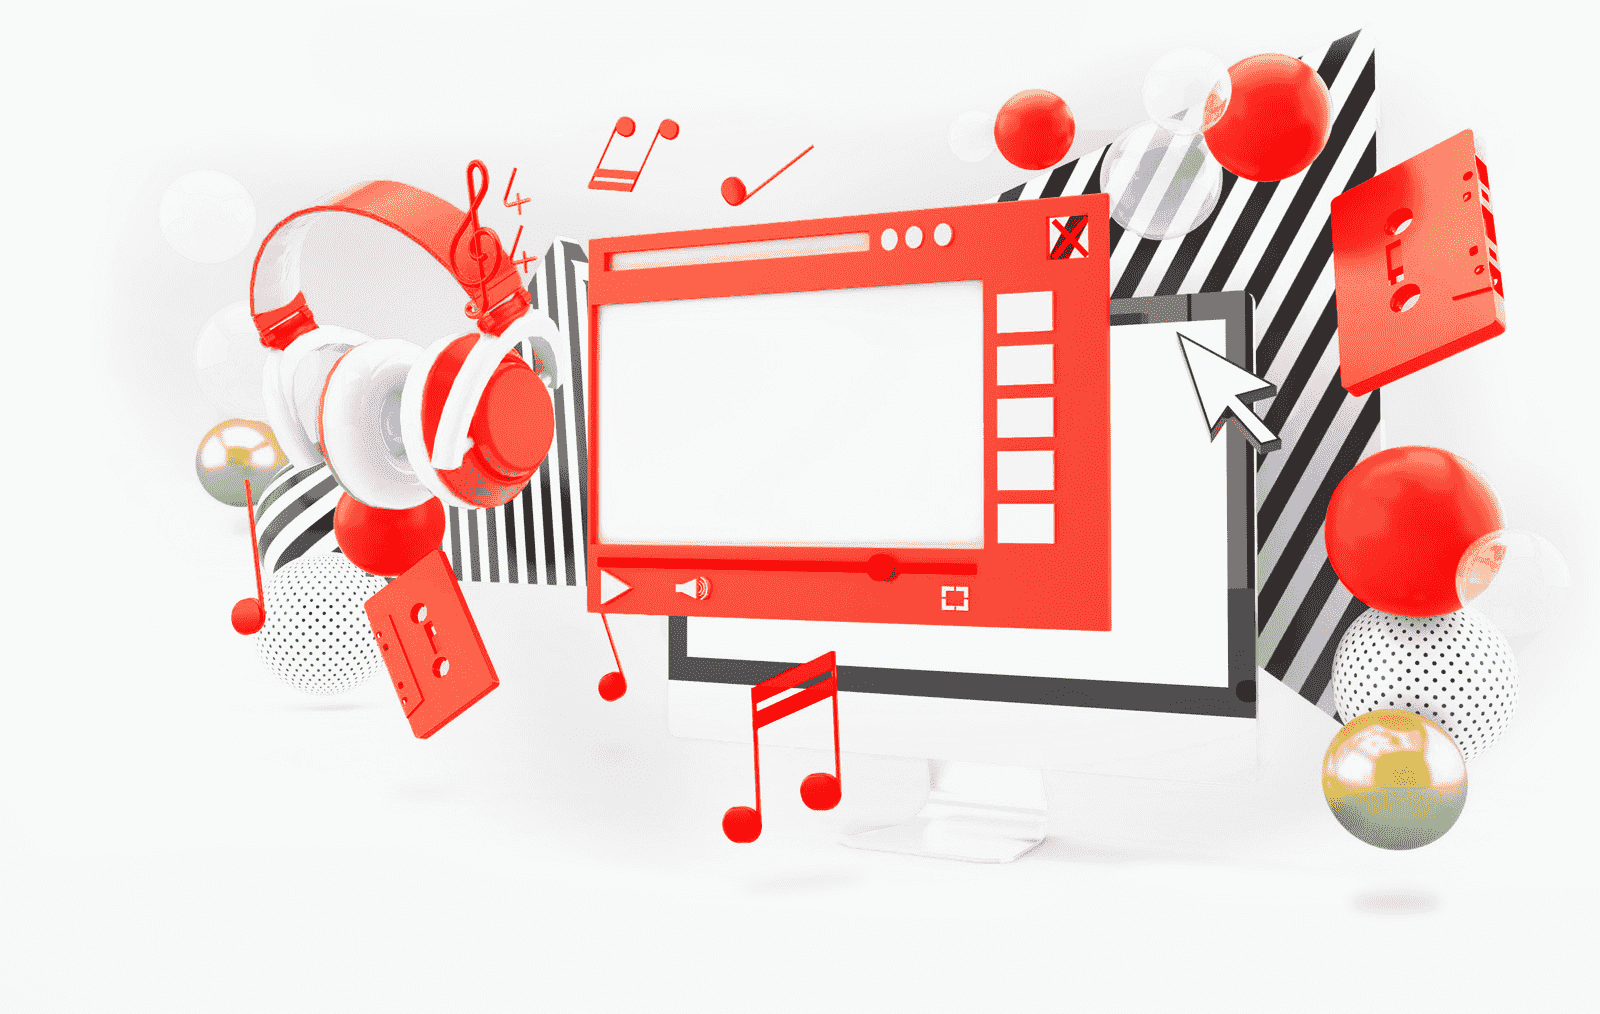 Снимаем видео и делаем графику | Event Film Service | Видеопродакшн в Москве